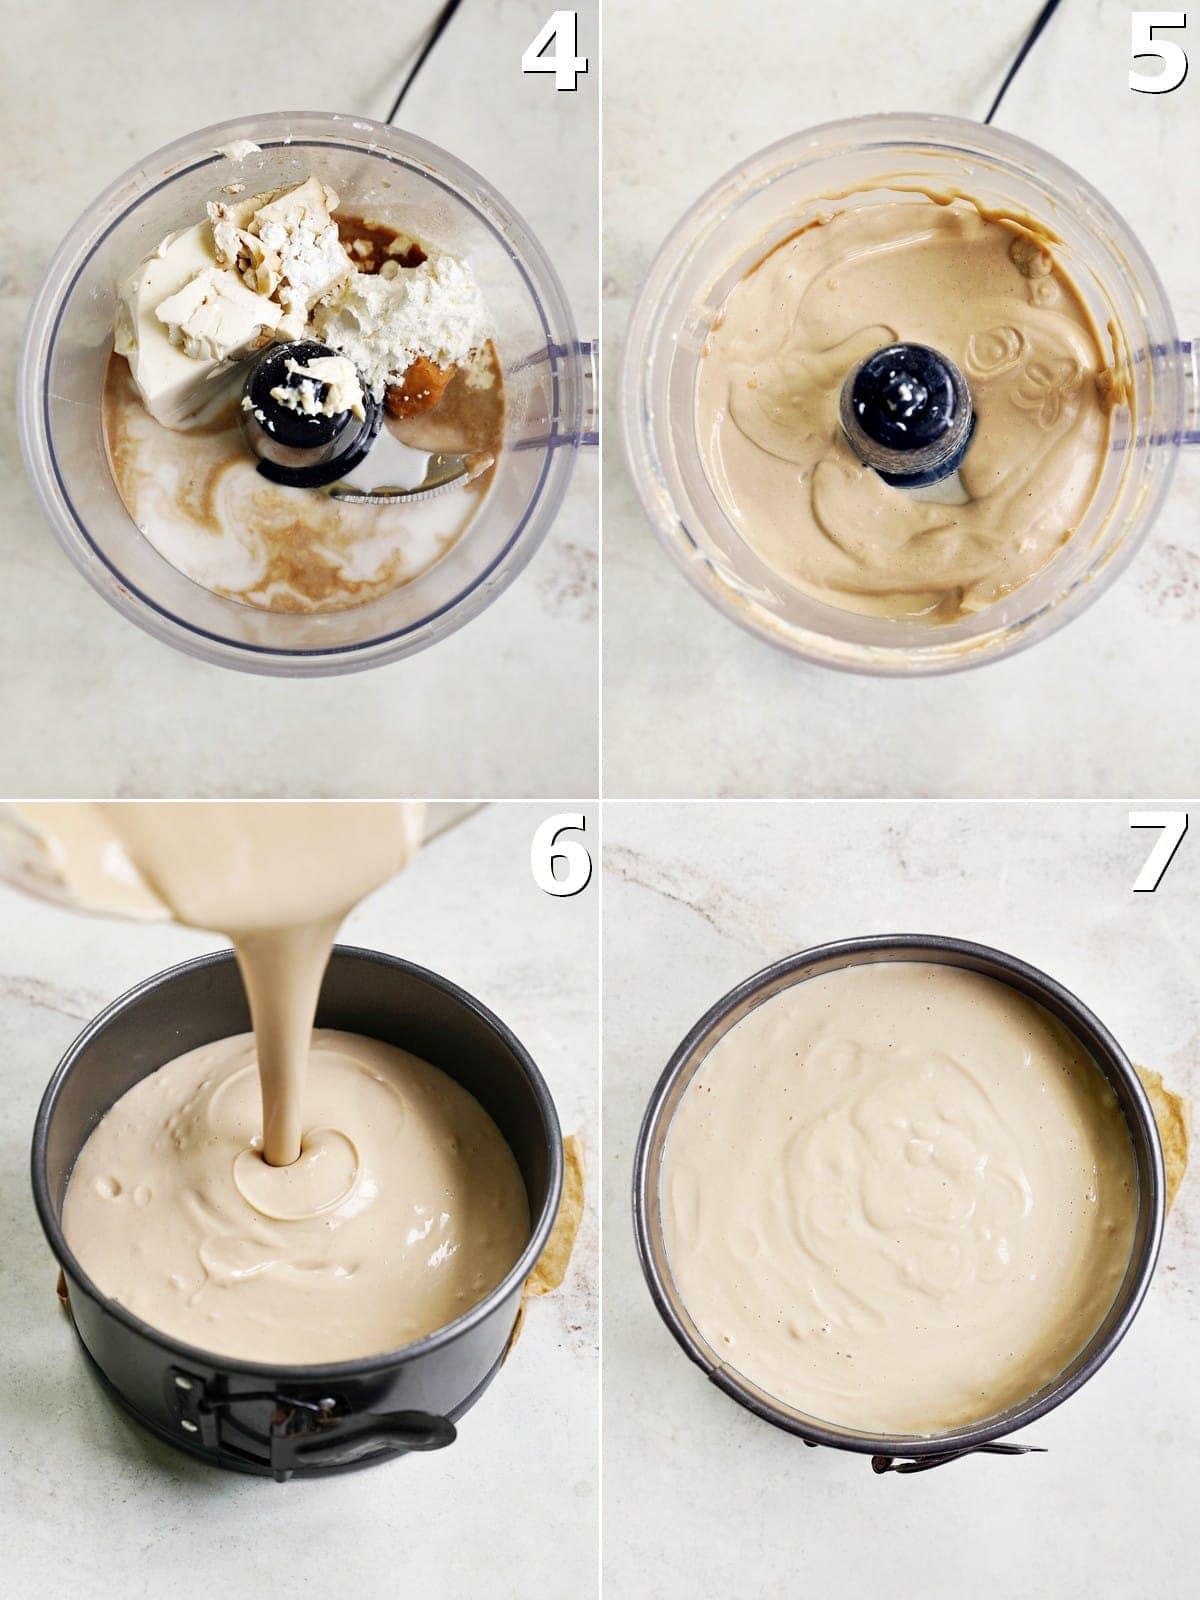 4 Schritt-für-Schritt-Fotos von der Herstellung einer cremigen Käsekuchen-Creme